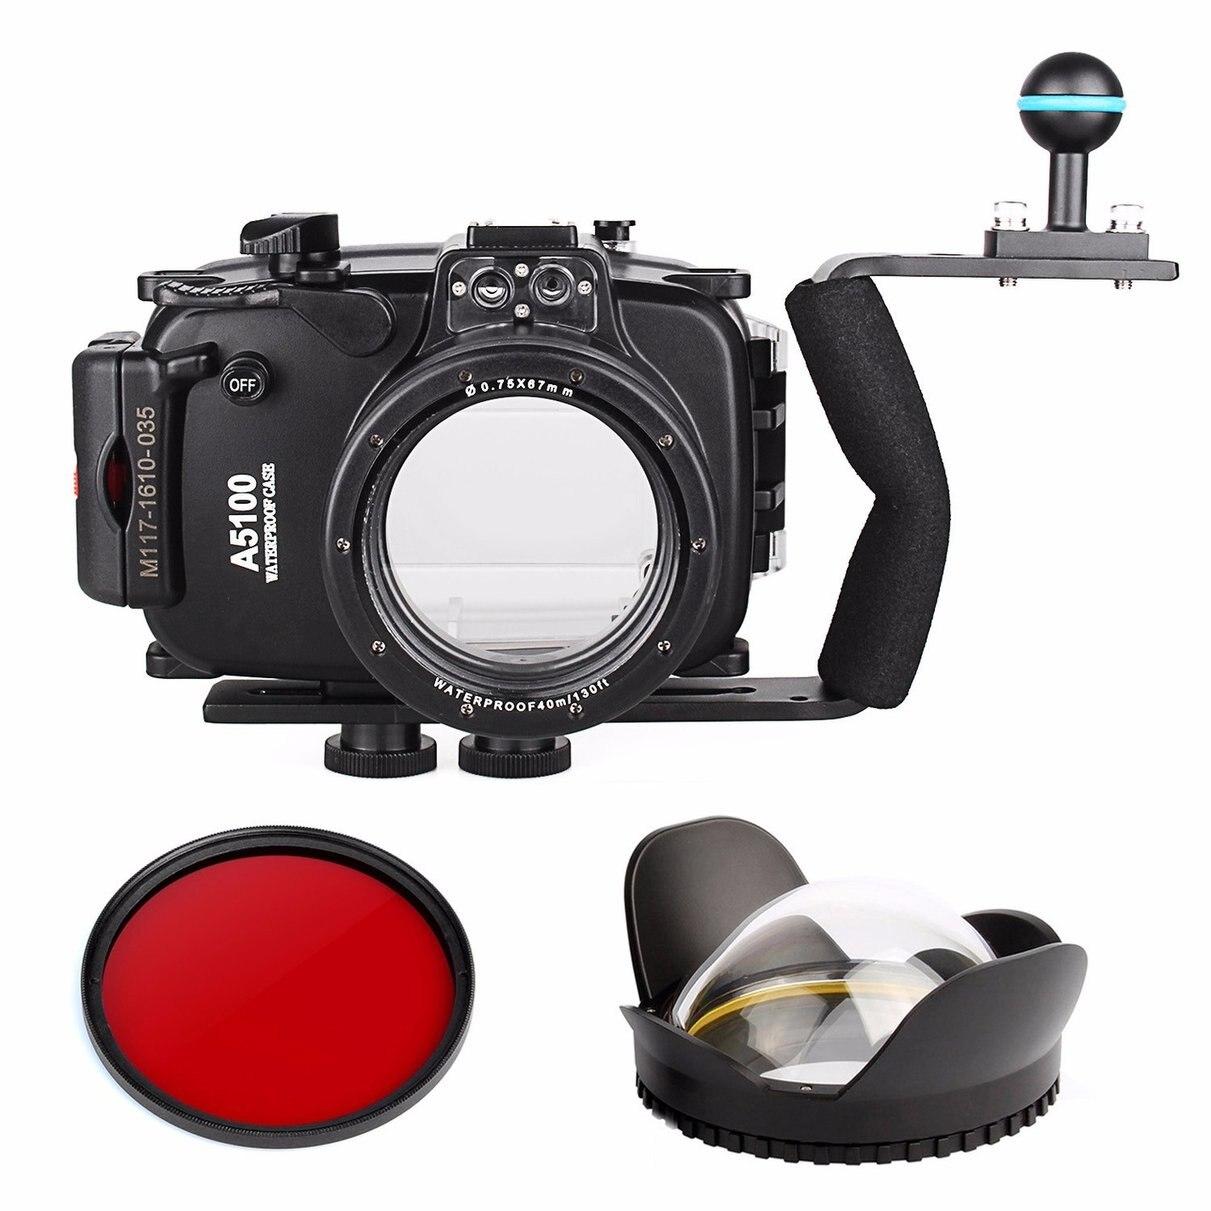 40 m 130ft Étanche Caméra Sous-Marine Sac de Caisse de Logement pour Sony A5100 16-50mm Lentille + Plongée poignée + Fisheye + Filtre Rouge